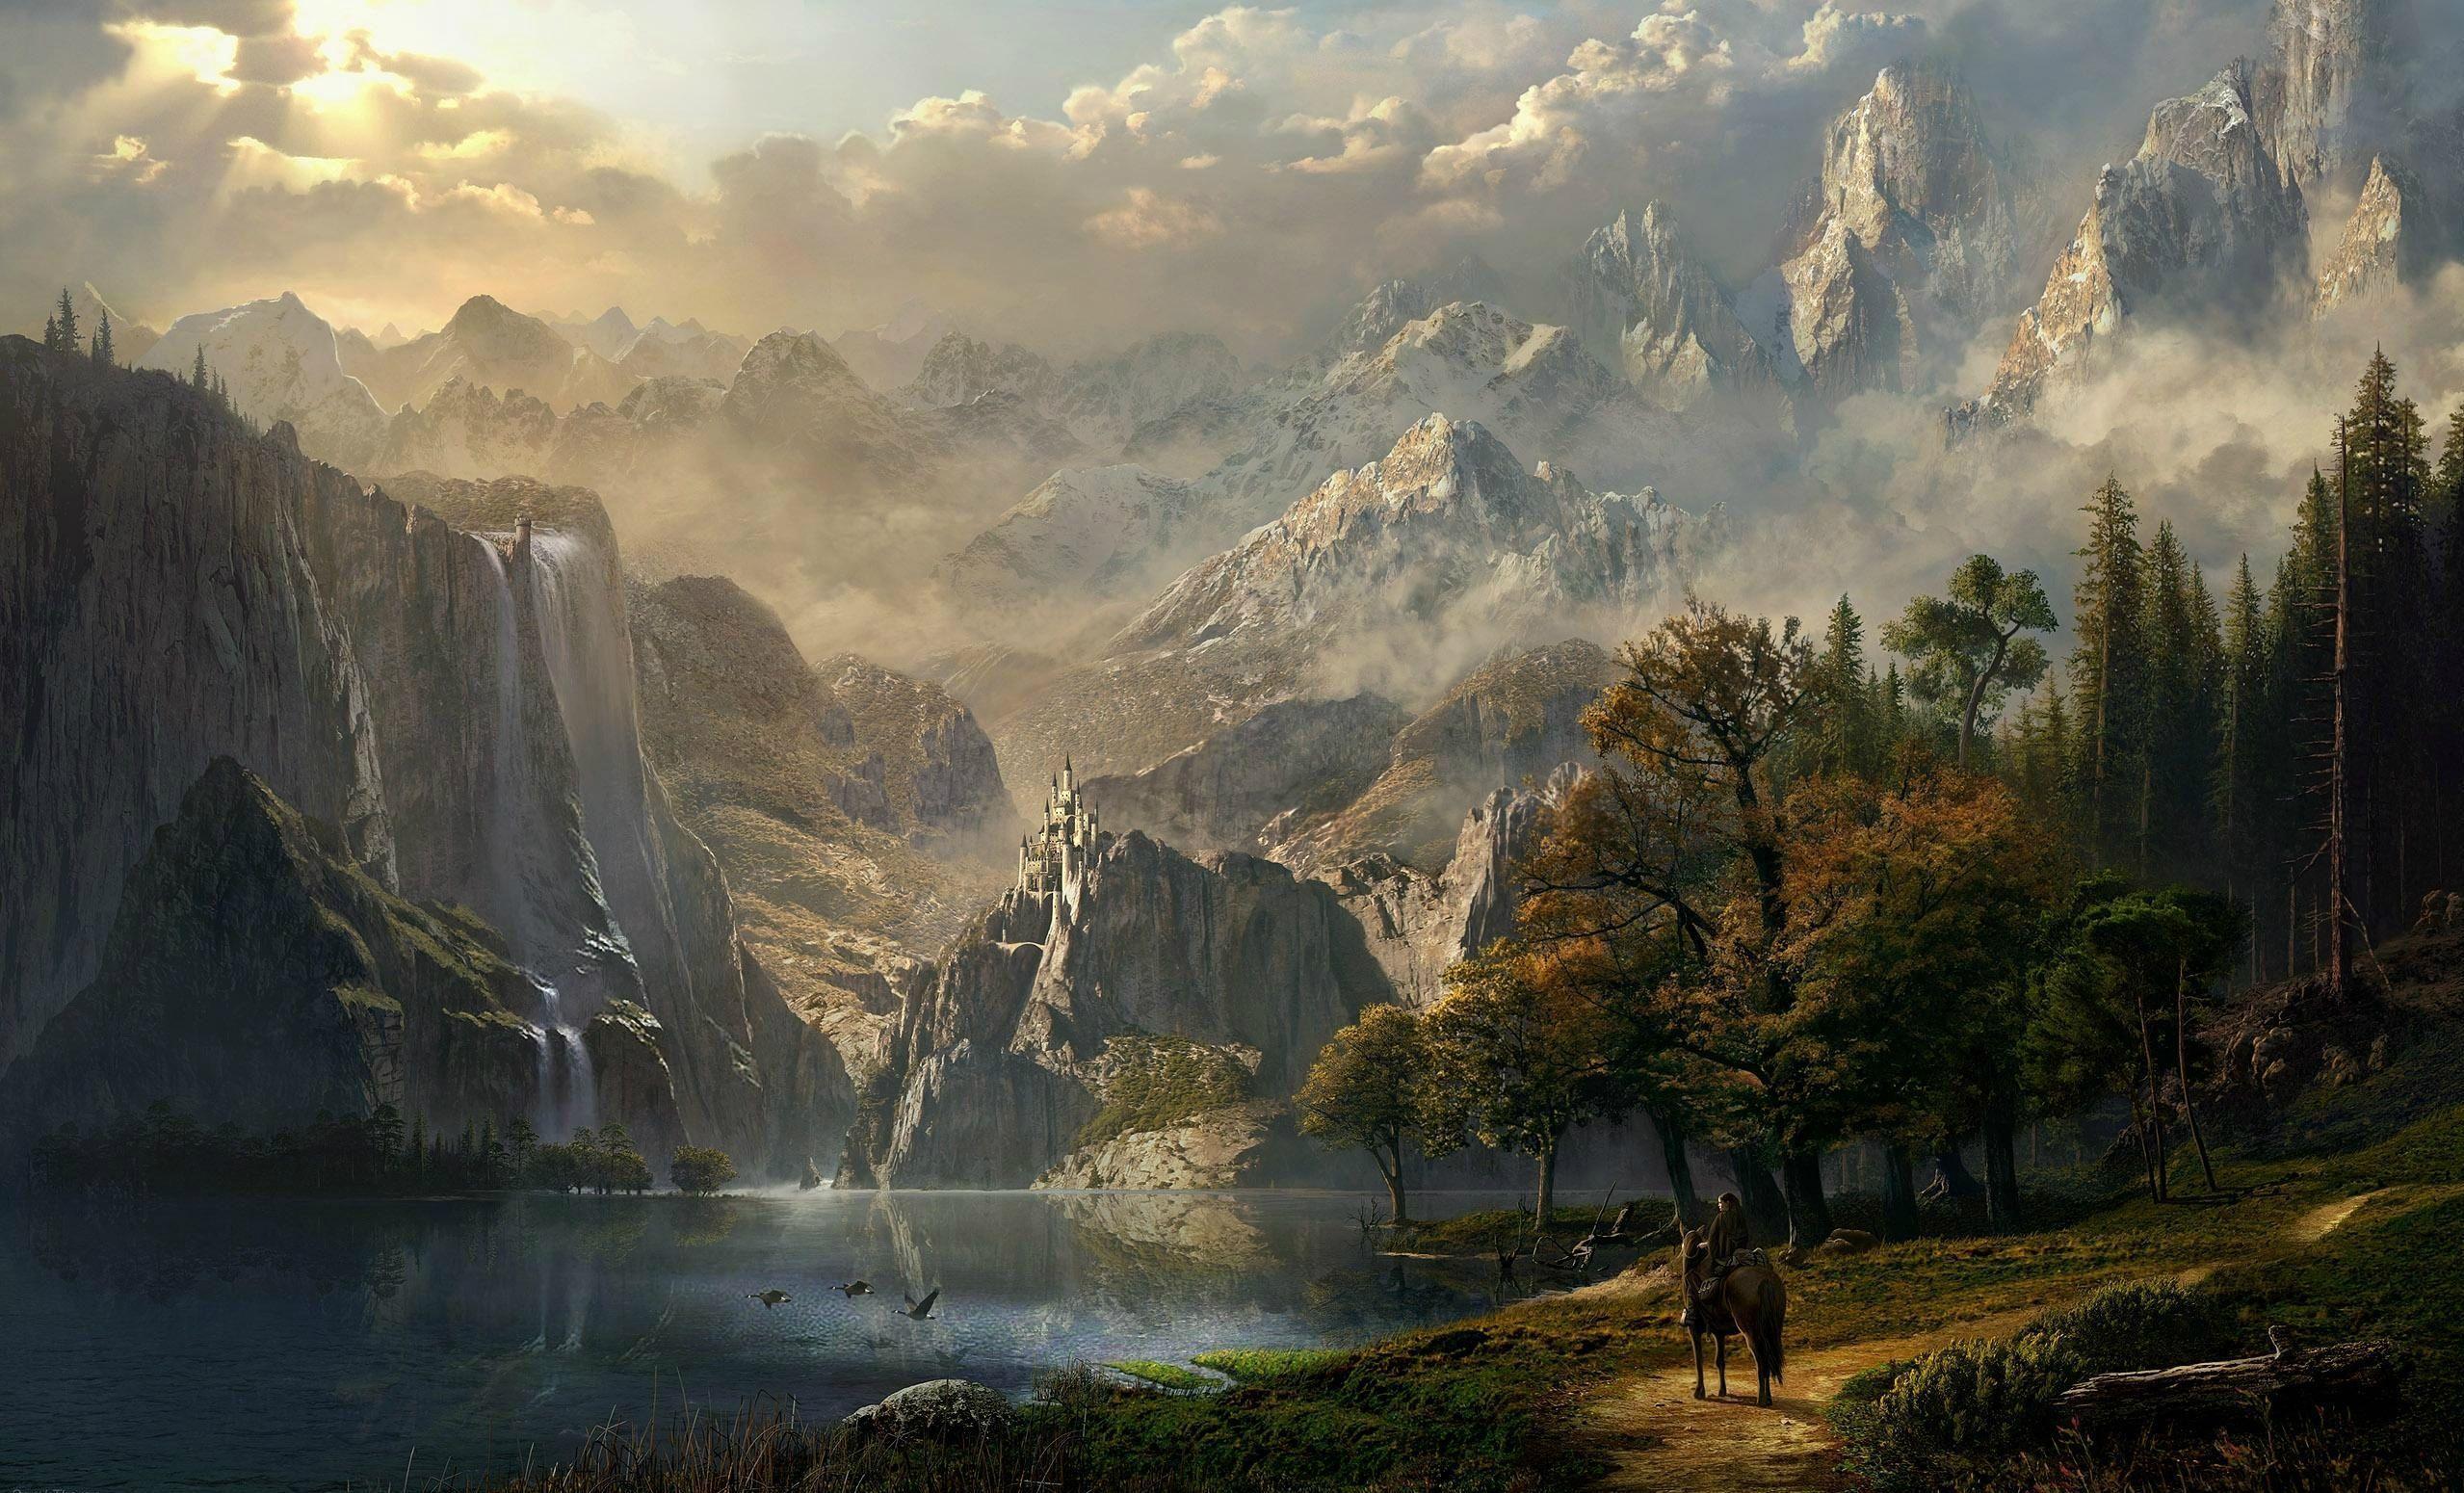 Hình nền phong cảnh thời Trung cổ 2558x1550 - Tải xuống.  Phong cảnh tưởng tượng, Hình nền phong cảnh, Phong cảnh thung lũng